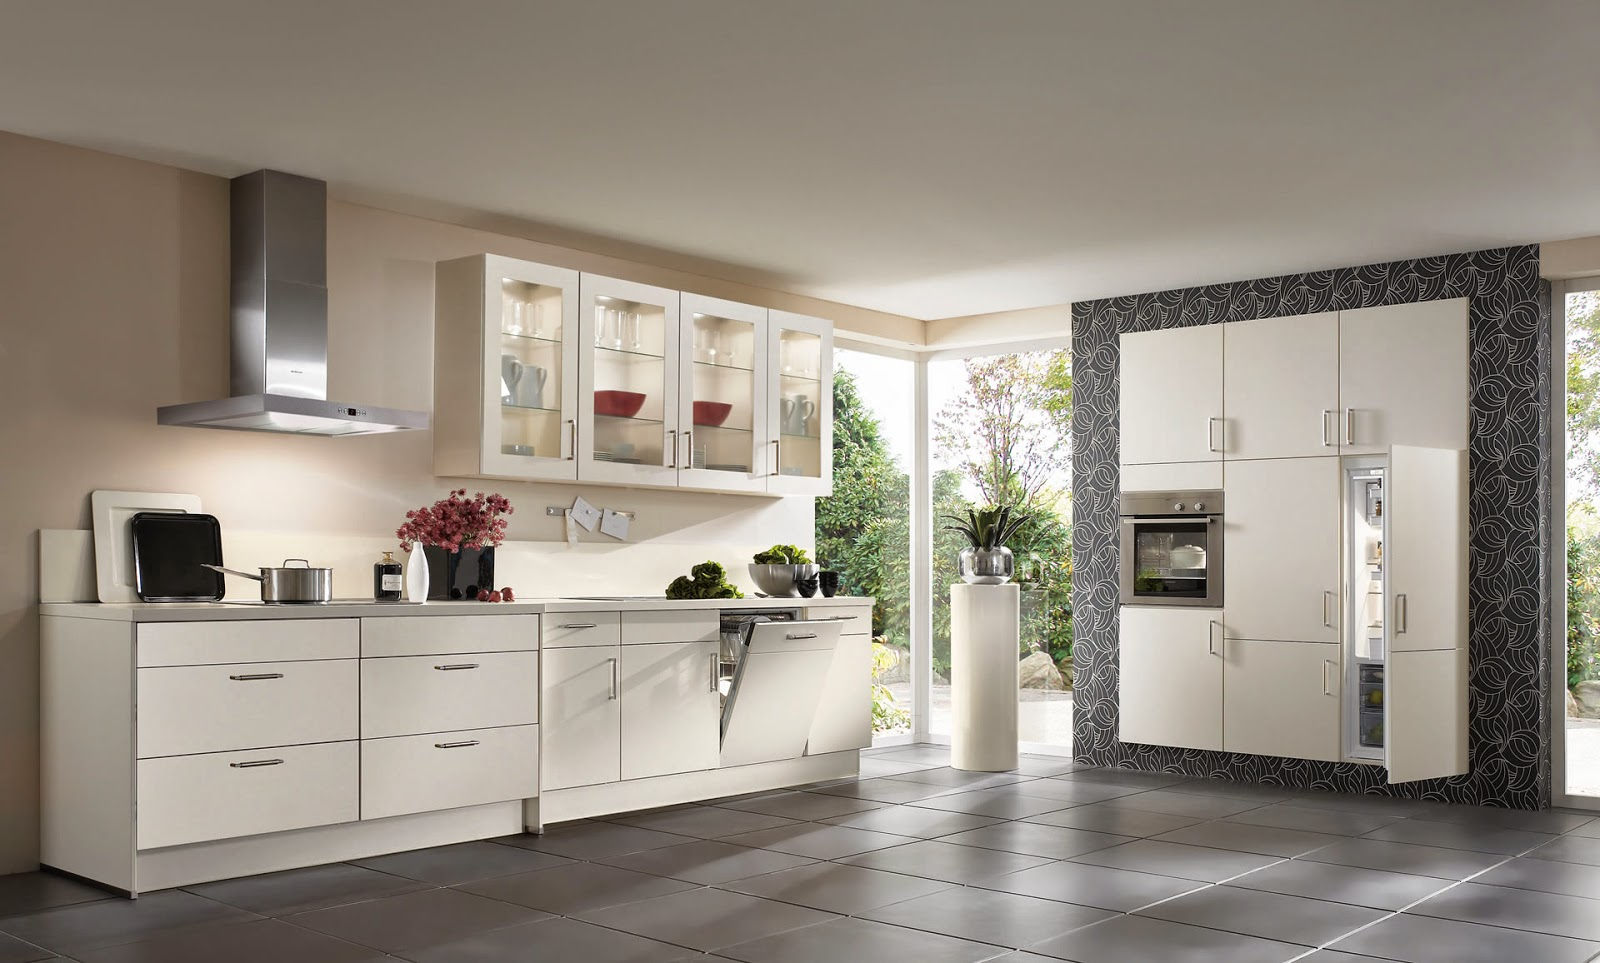 Soluciones fabricantes y marcas de cocinas nobilia for Marcas de cocinas alemanas